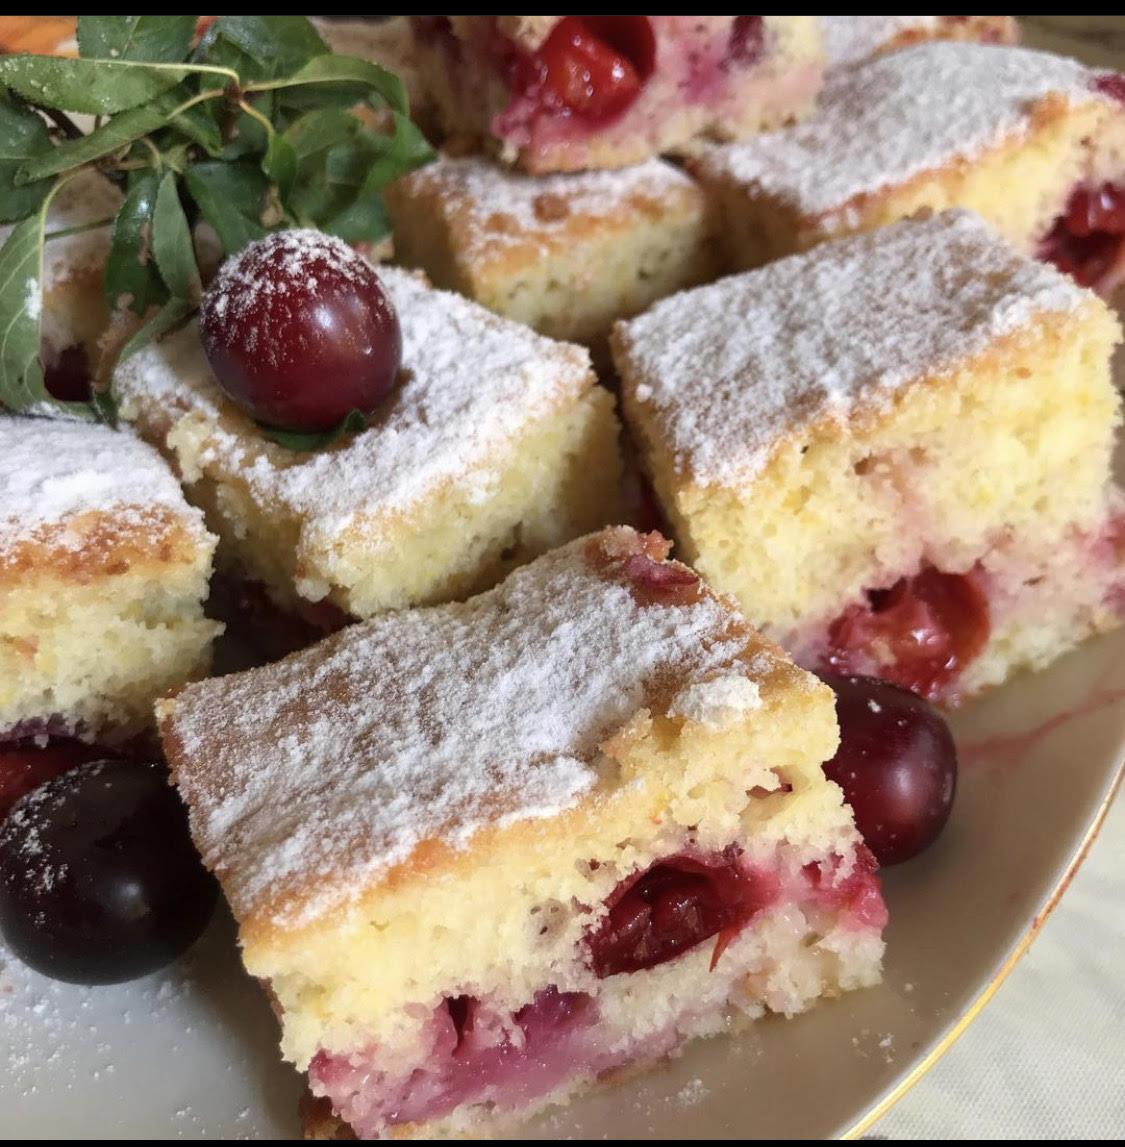 Quadrotti di torta alla ricotta e prugne ciliegia